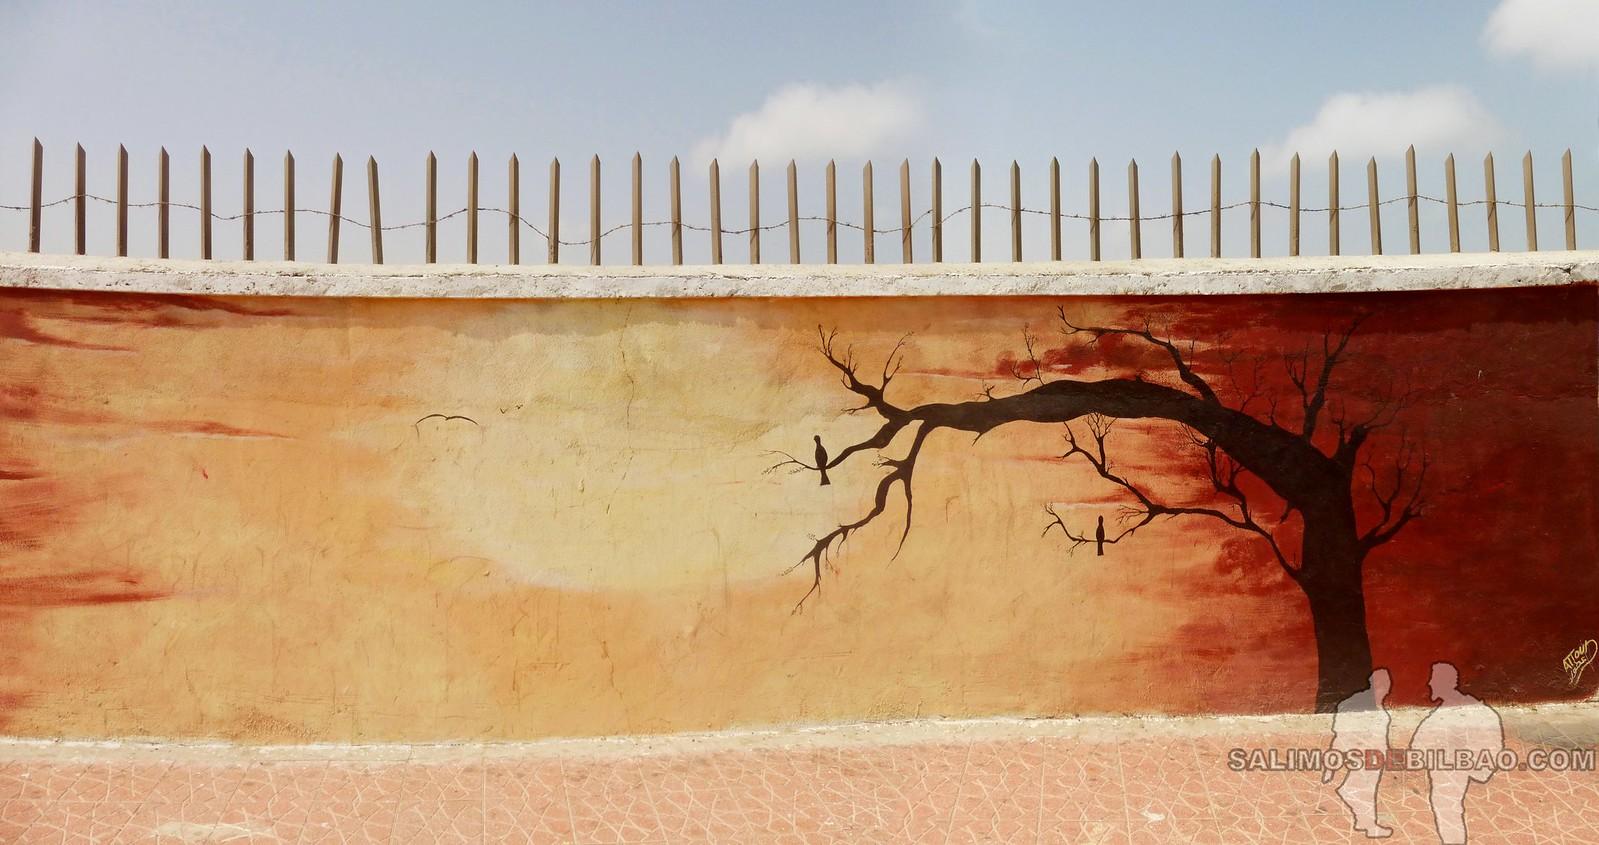 177. Pano, Grafitis, Paseo del al centro, Dakhla